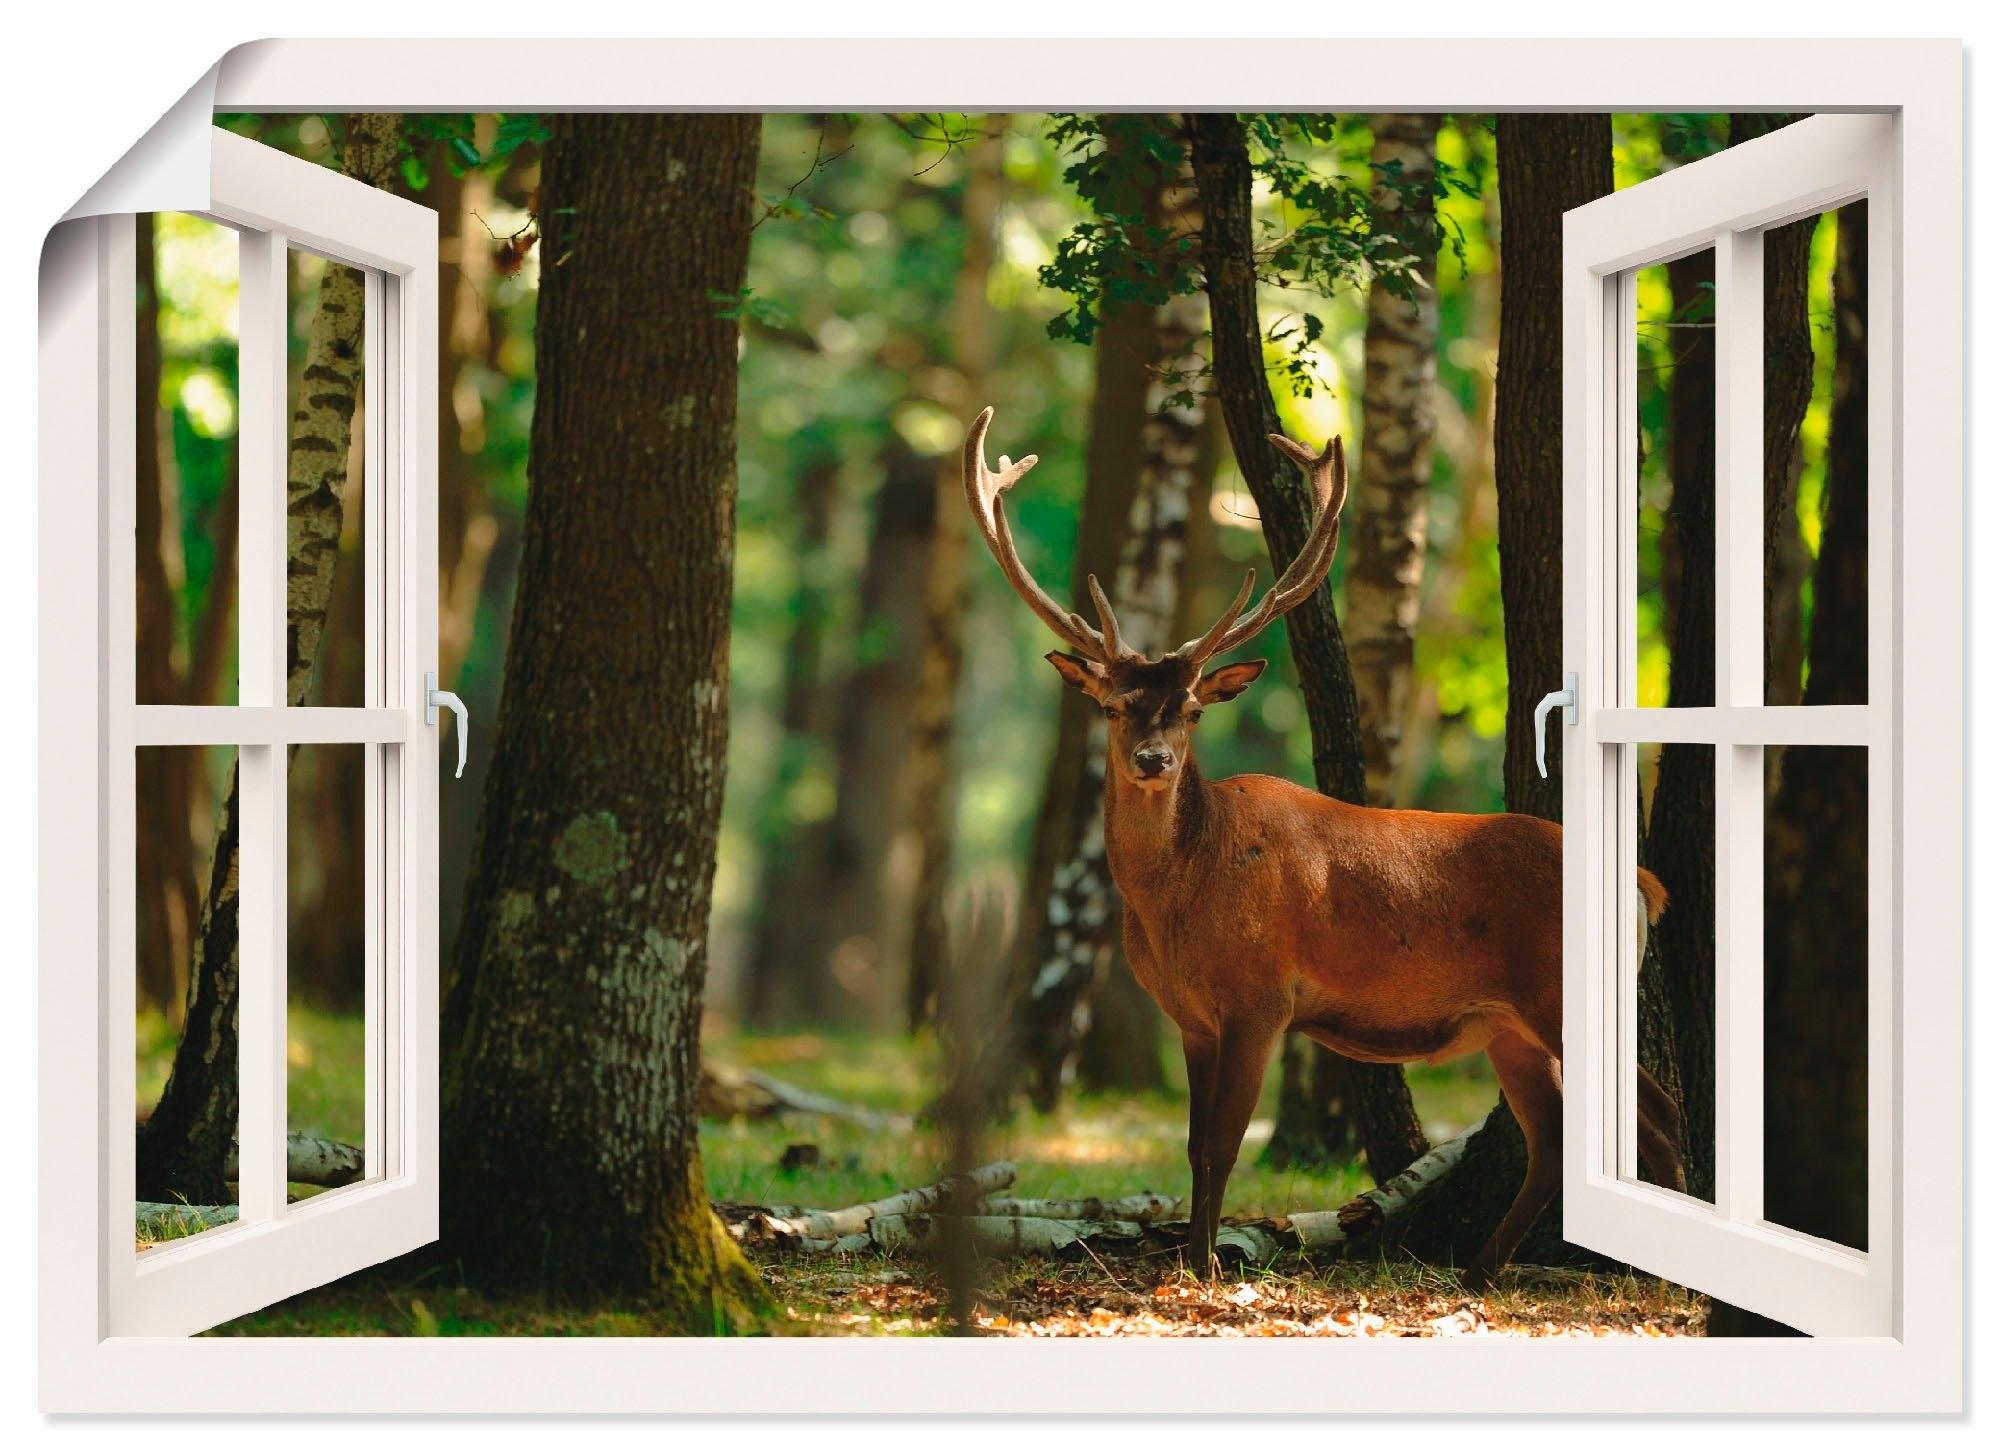 Artland artprint Blik uit het venster - edelhert 4 - bos in vele afmetingen & productsoorten -artprint op linnen, poster, muursticker / wandfolie ook geschikt voor de badkamer (1 stuk) bij OTTO online kopen